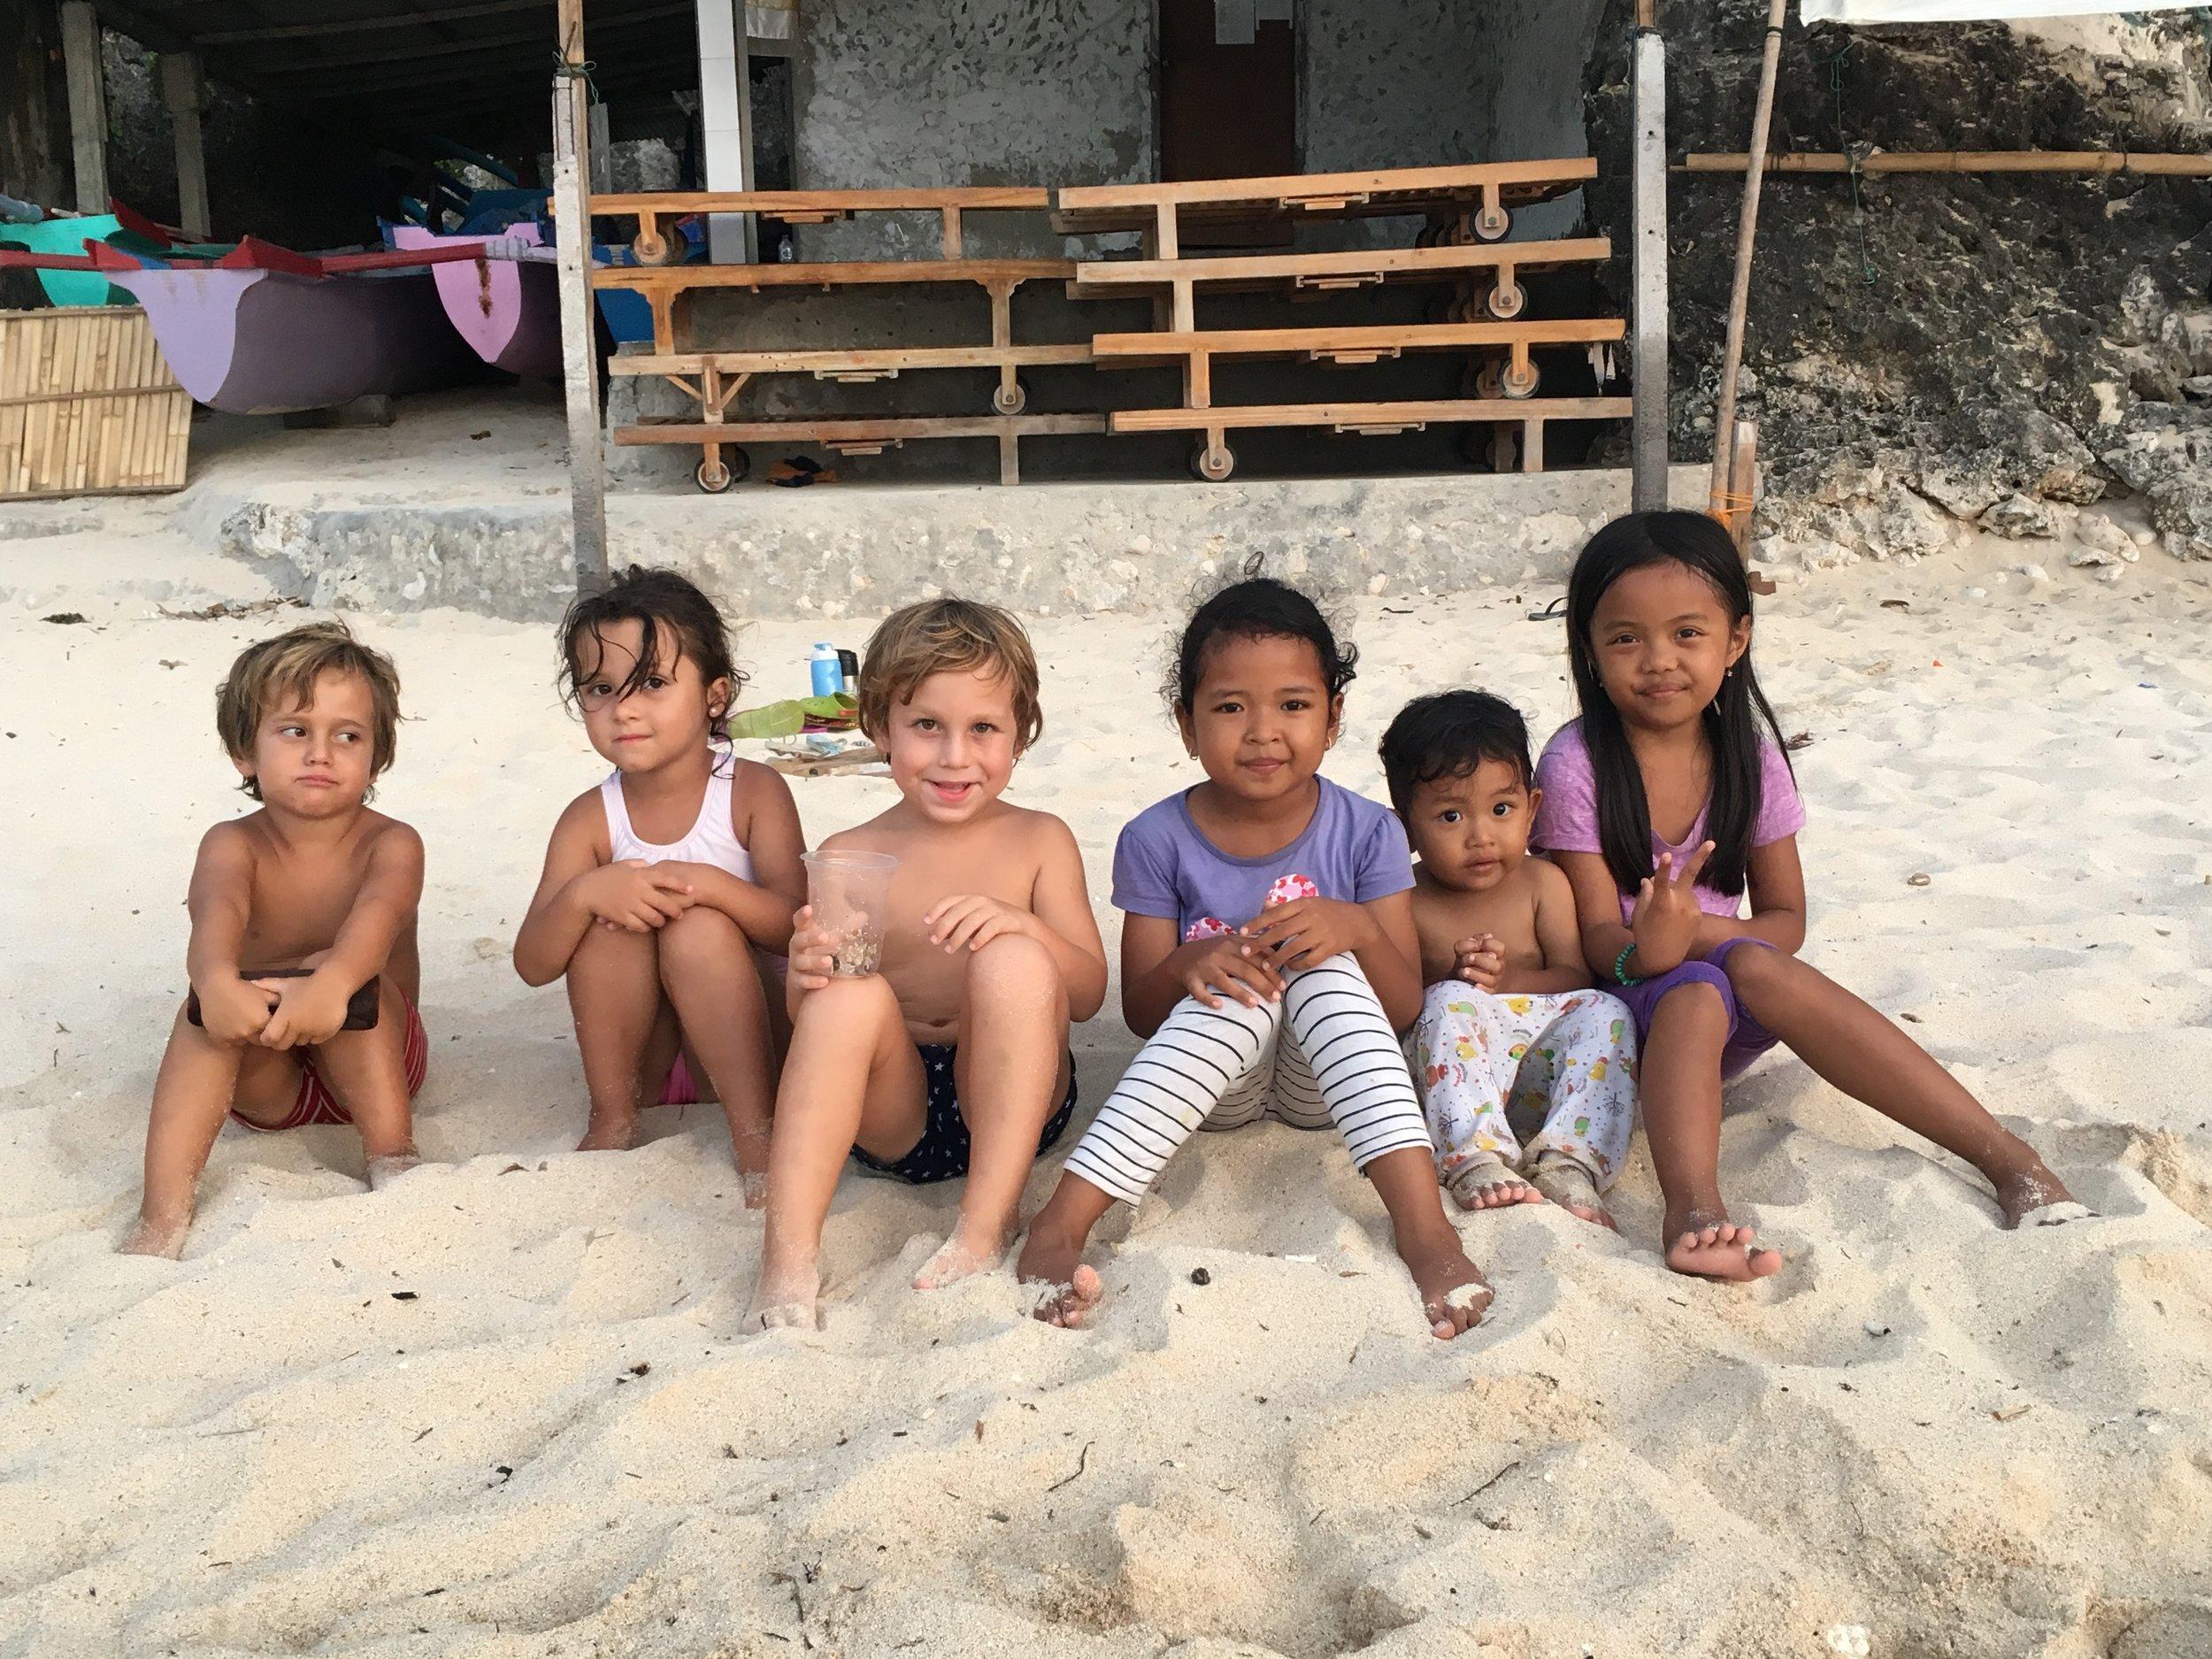 With friends in Uluwatu, Bali.